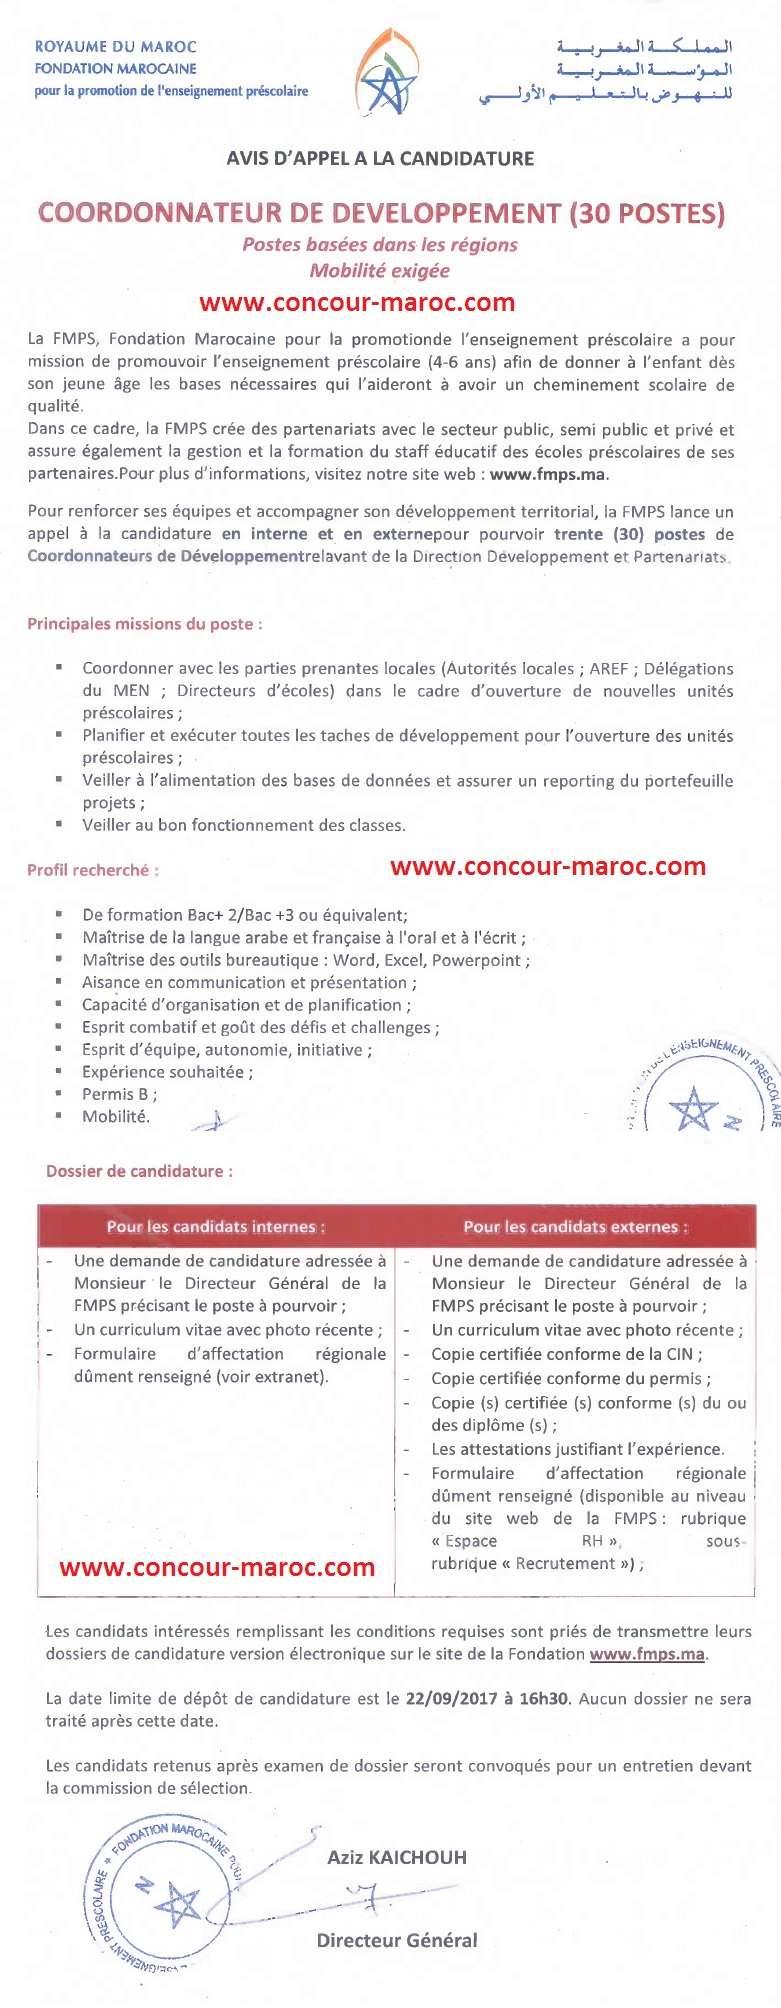 المؤسسة المغربية للنهوض بالتعليم الأولي : مباراة لتوظيف منسق التنمية (30 منصب) آخر أجل 22 شتنبر 2017 Concou71